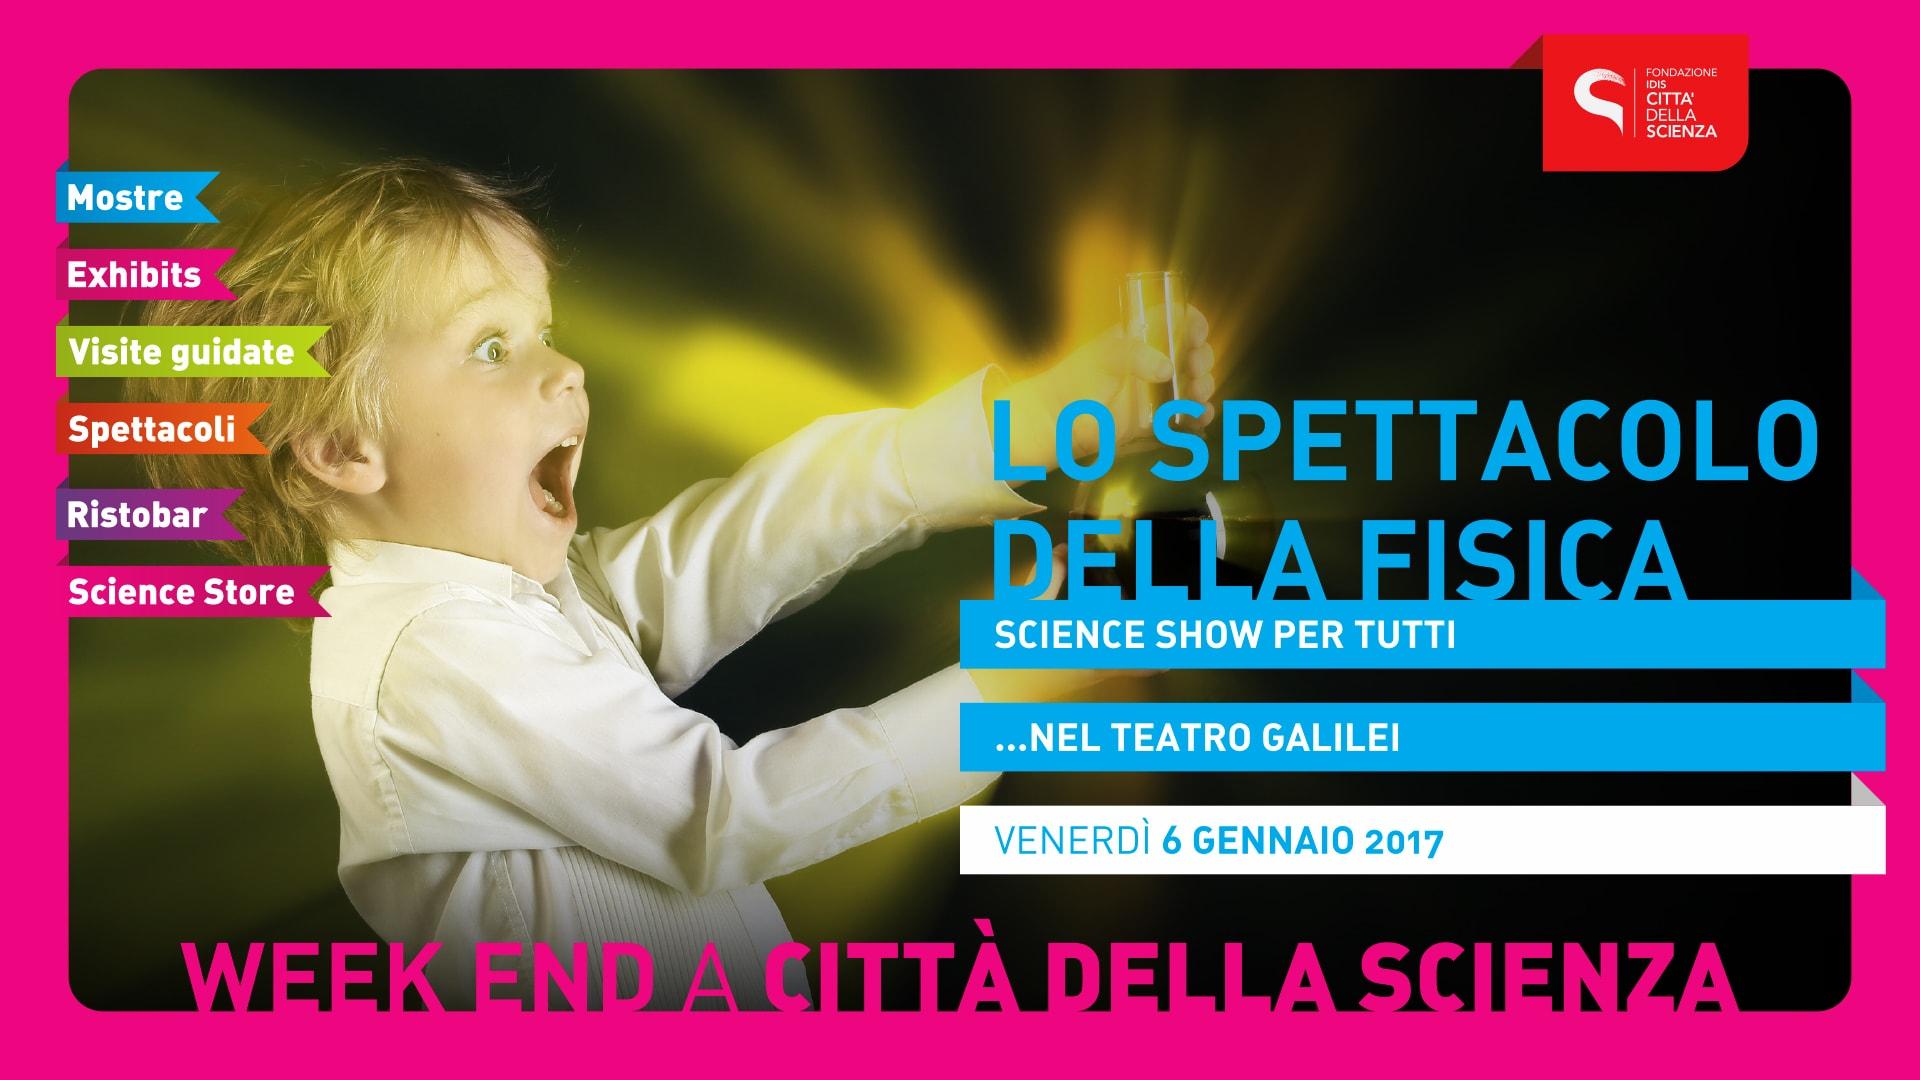 LO_SPETTACOLO_DELLA_FISICA